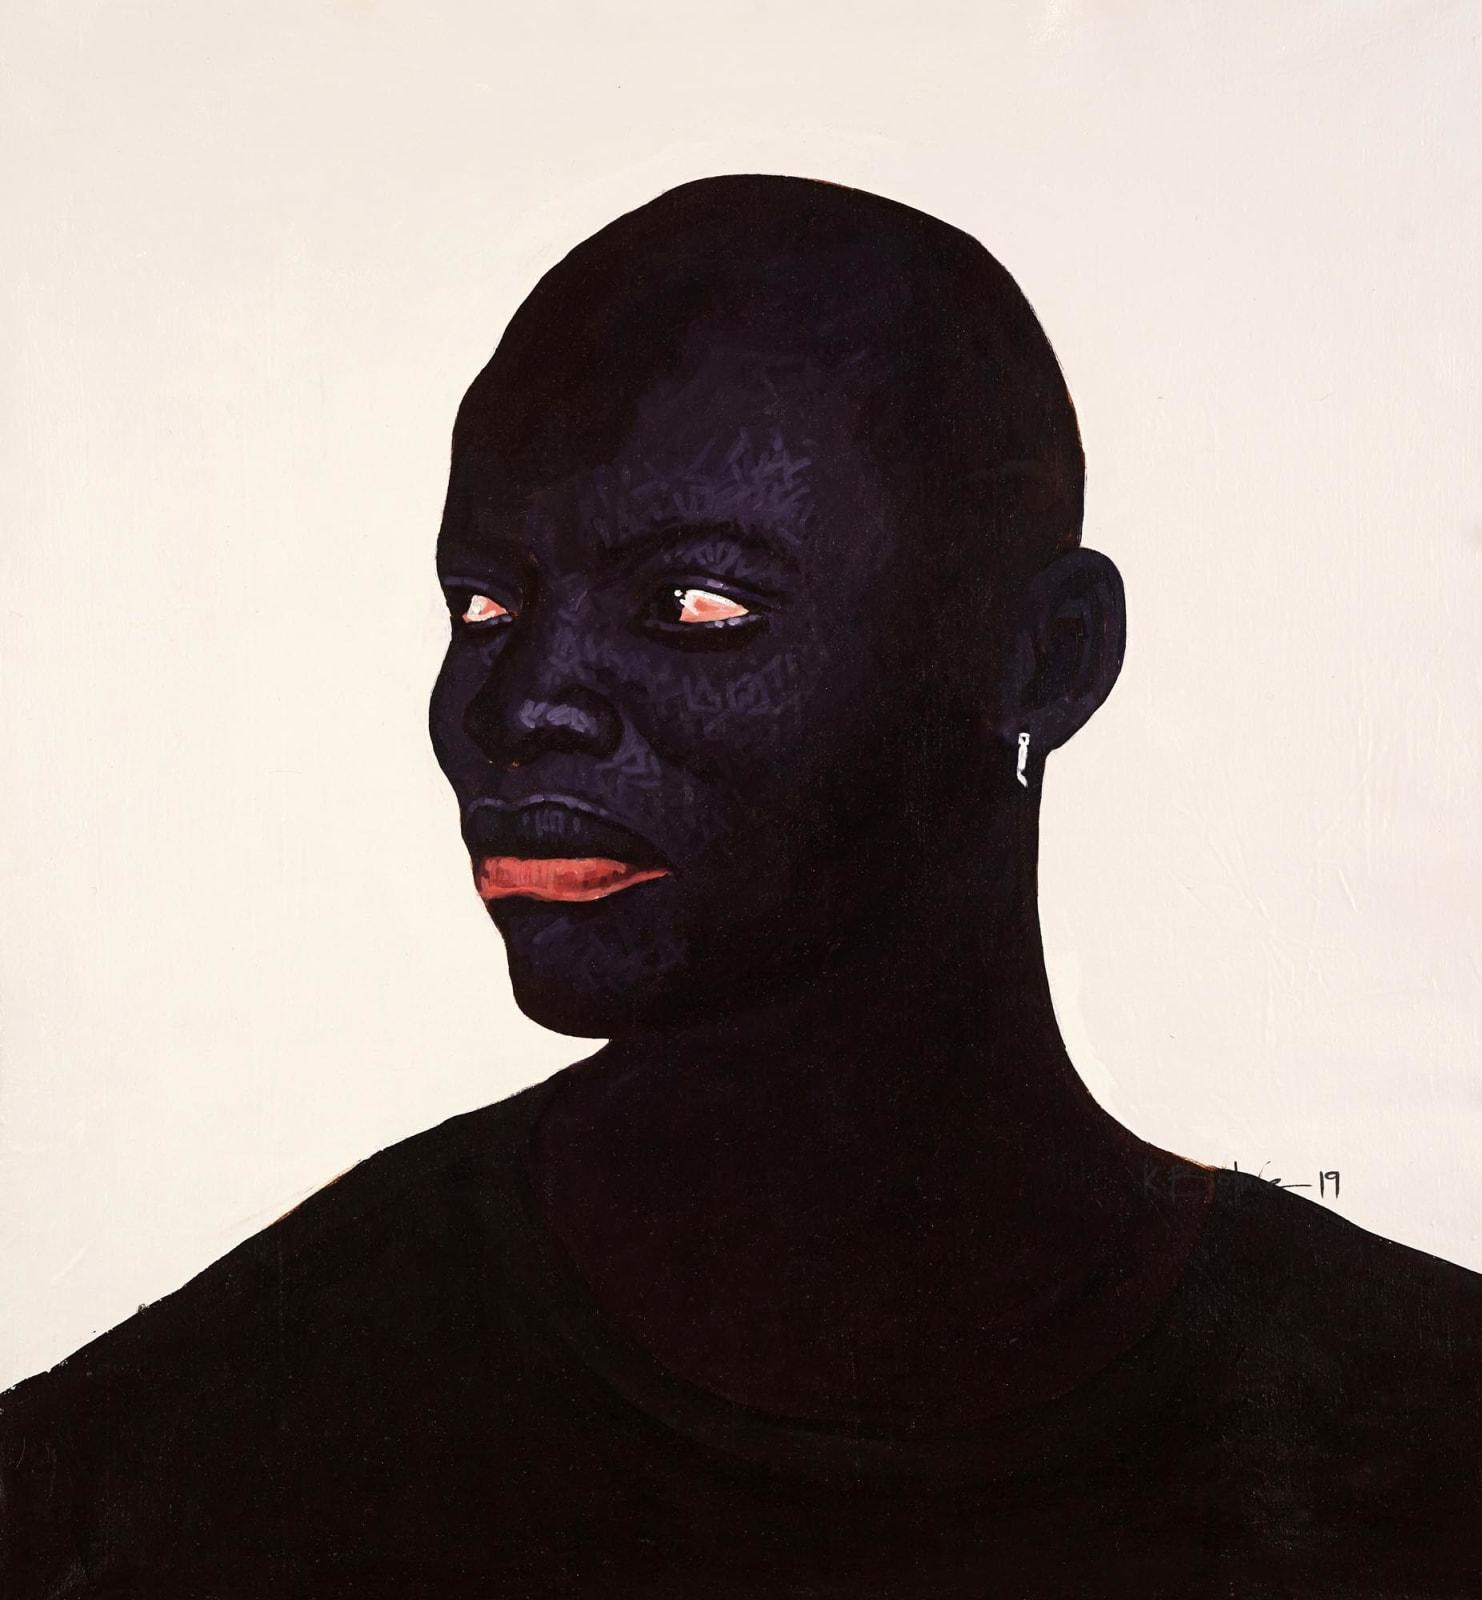 Kwesi Botchway, Bald Head King, 2020